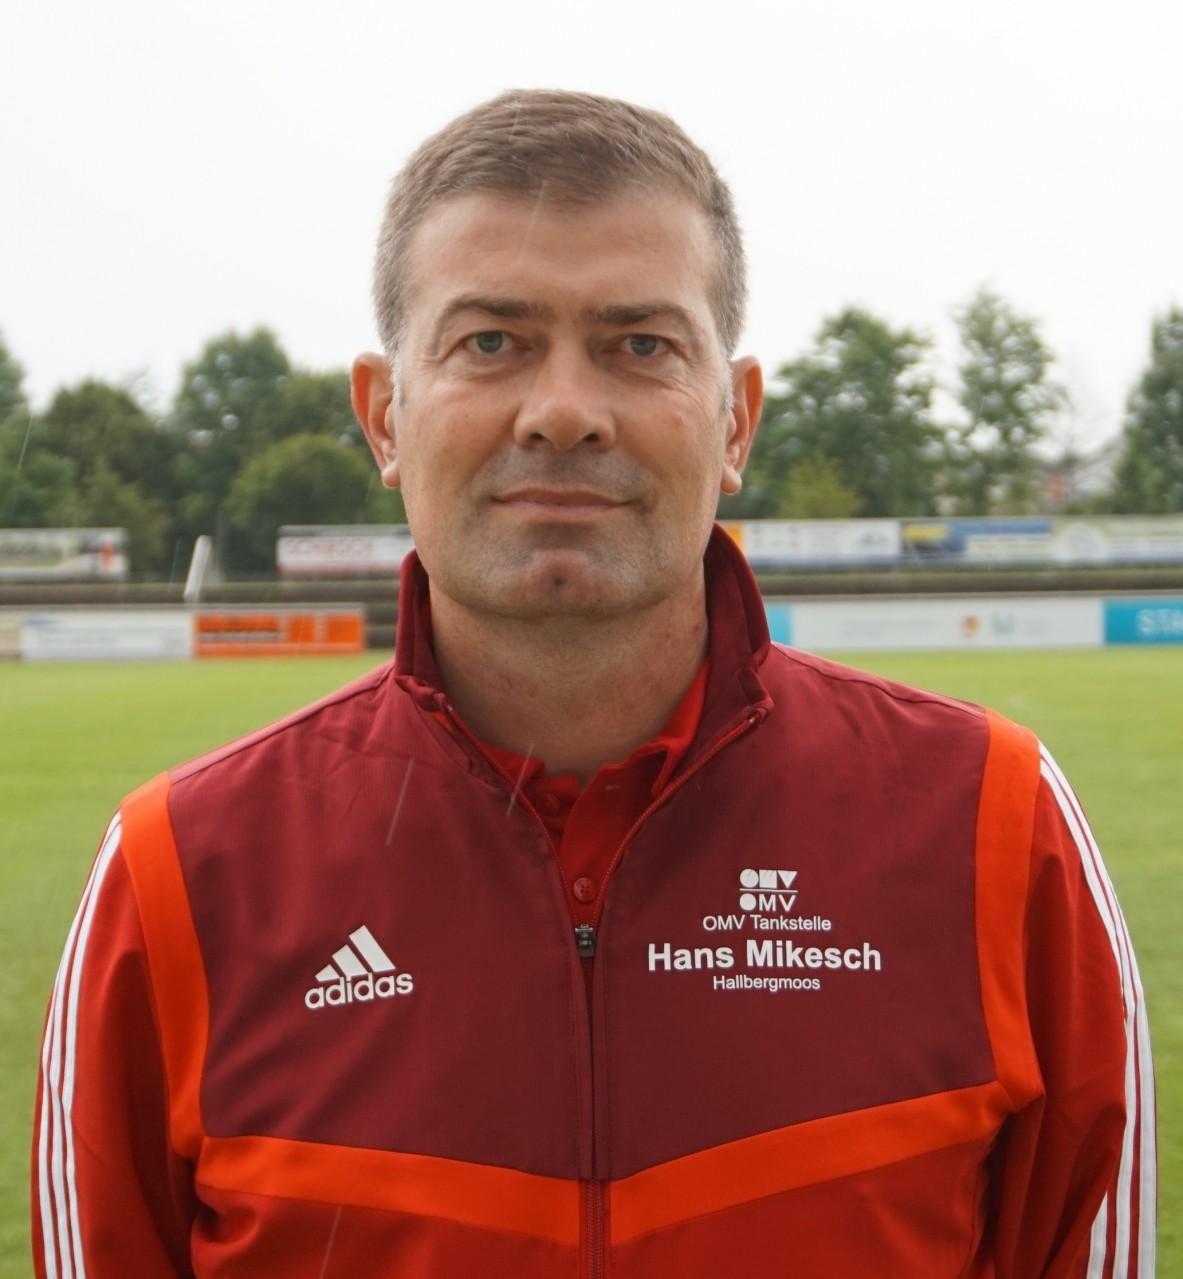 VfB Hallbergmoos: Schon ganz ansehnliche Kombinationen